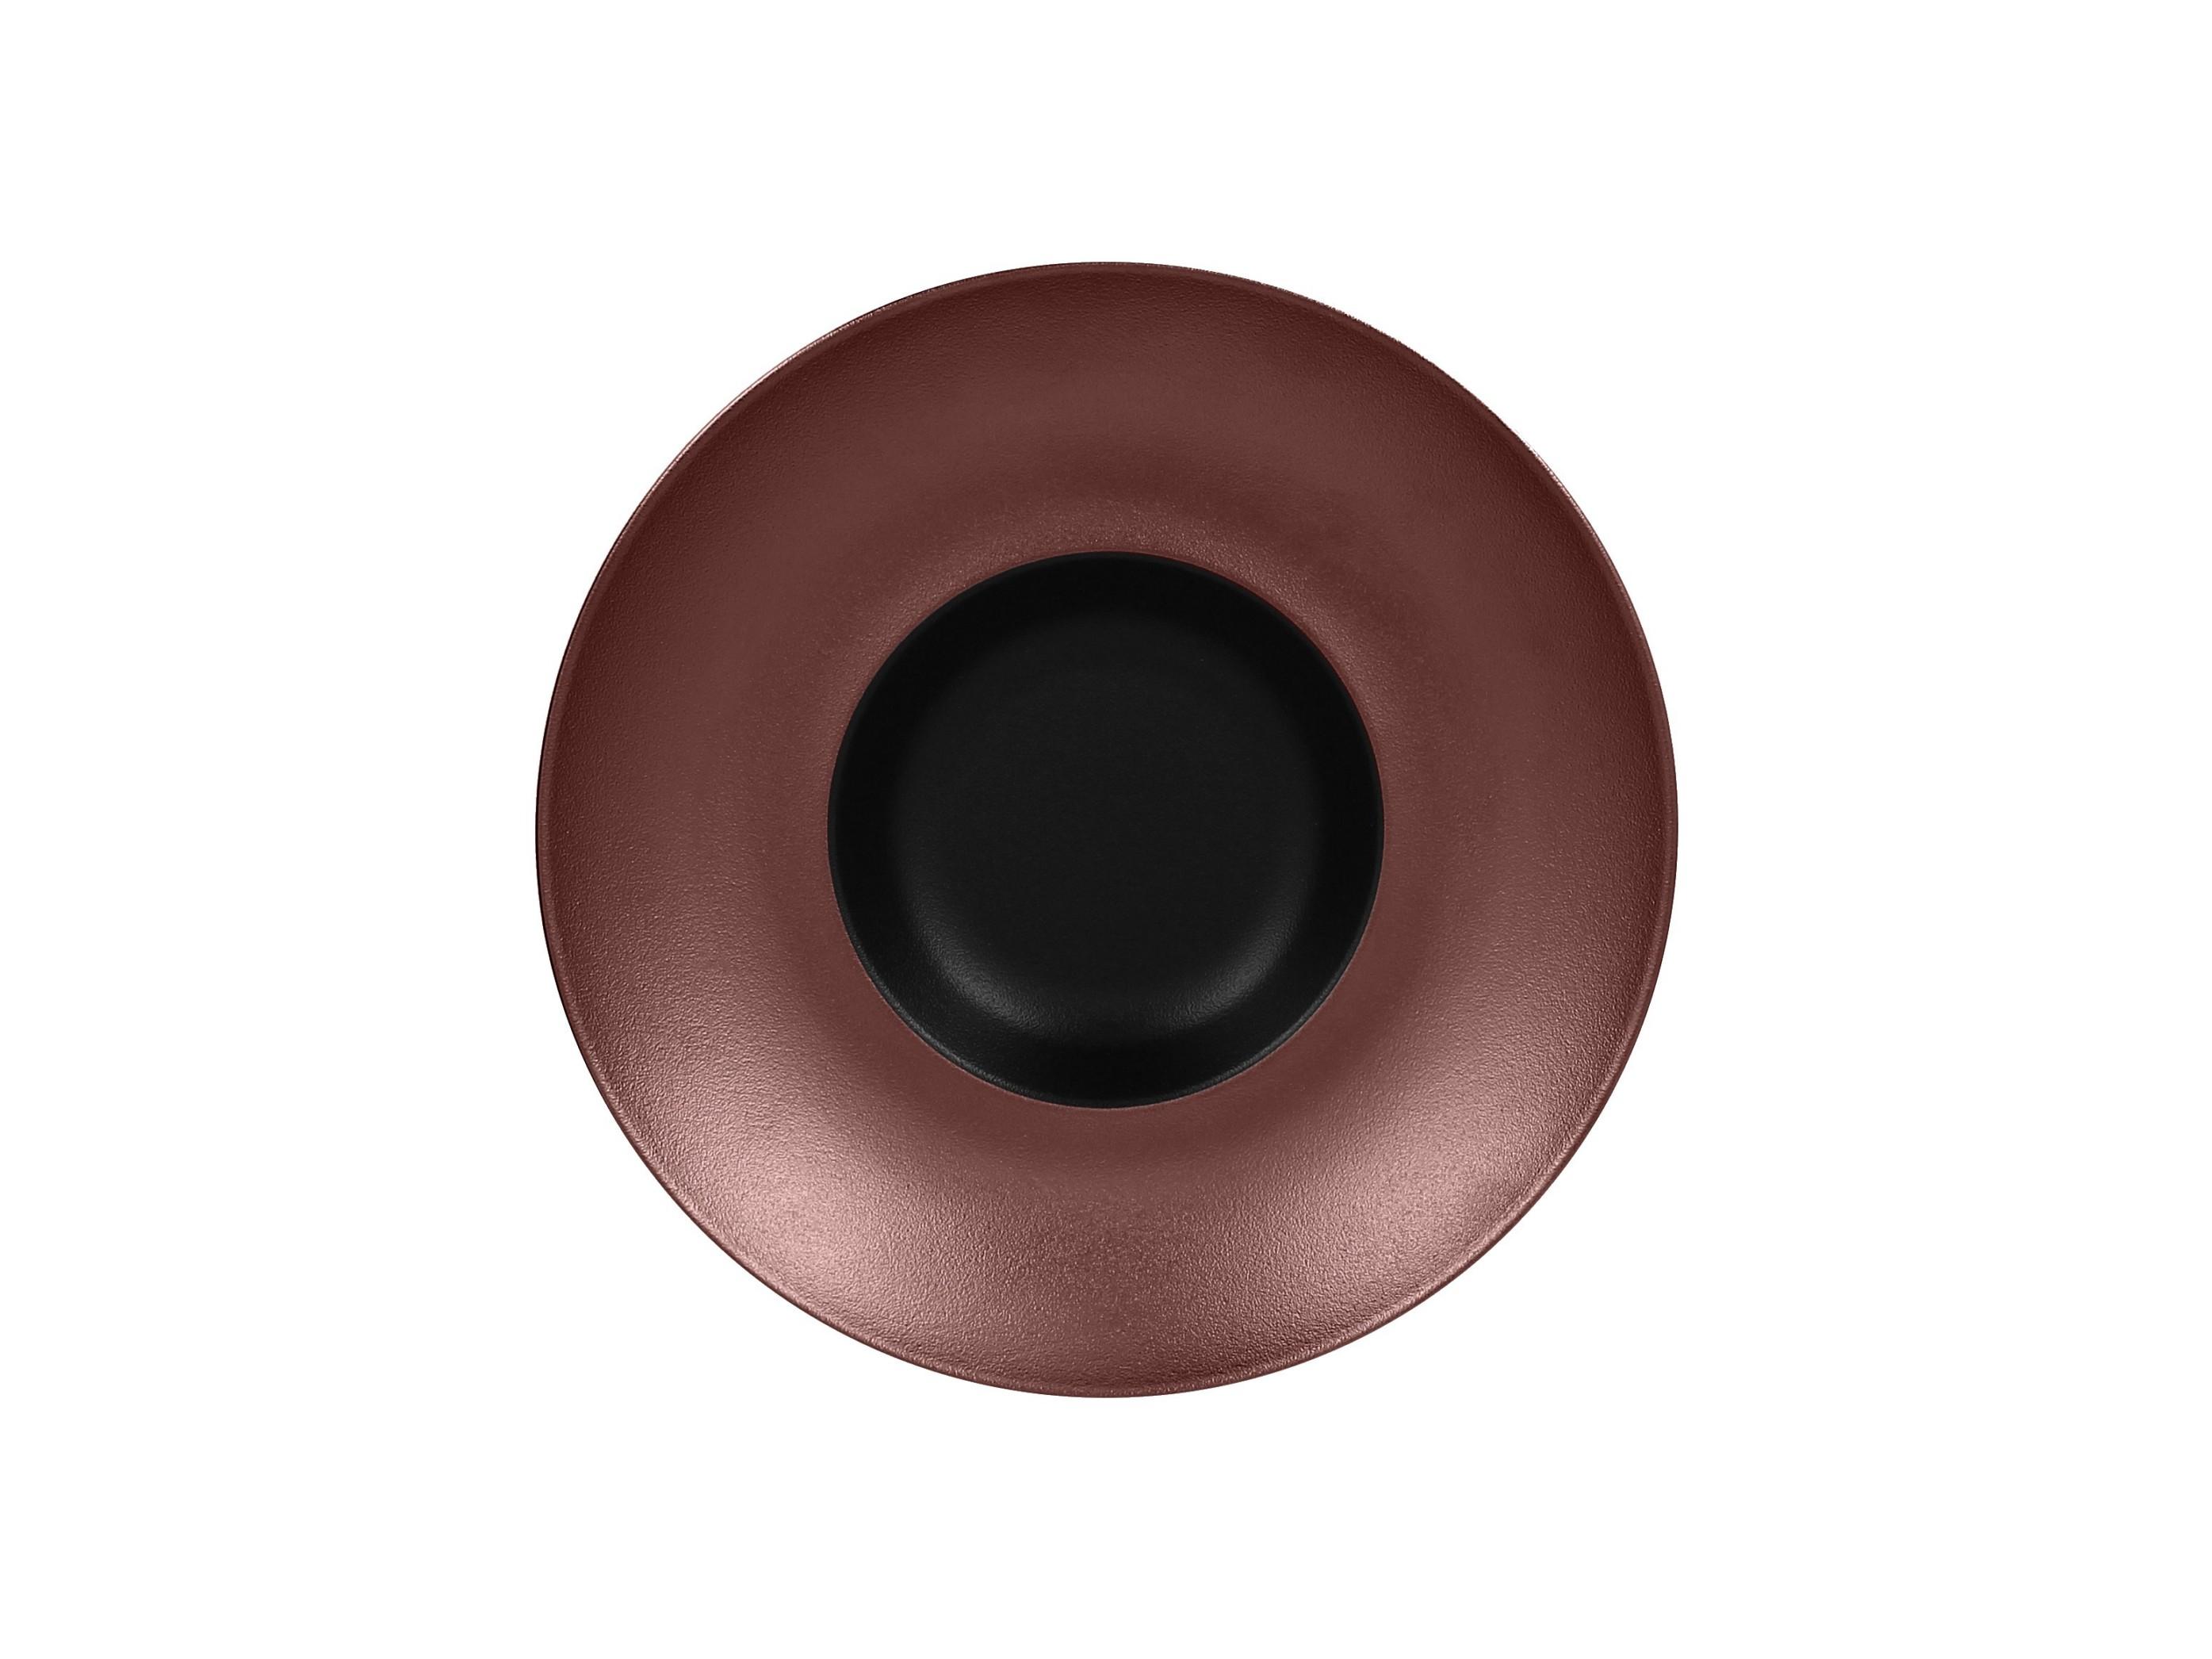 RAK | Metalfusion talíř hluboký Gourmet pr. 26 cm, černo-bronzový